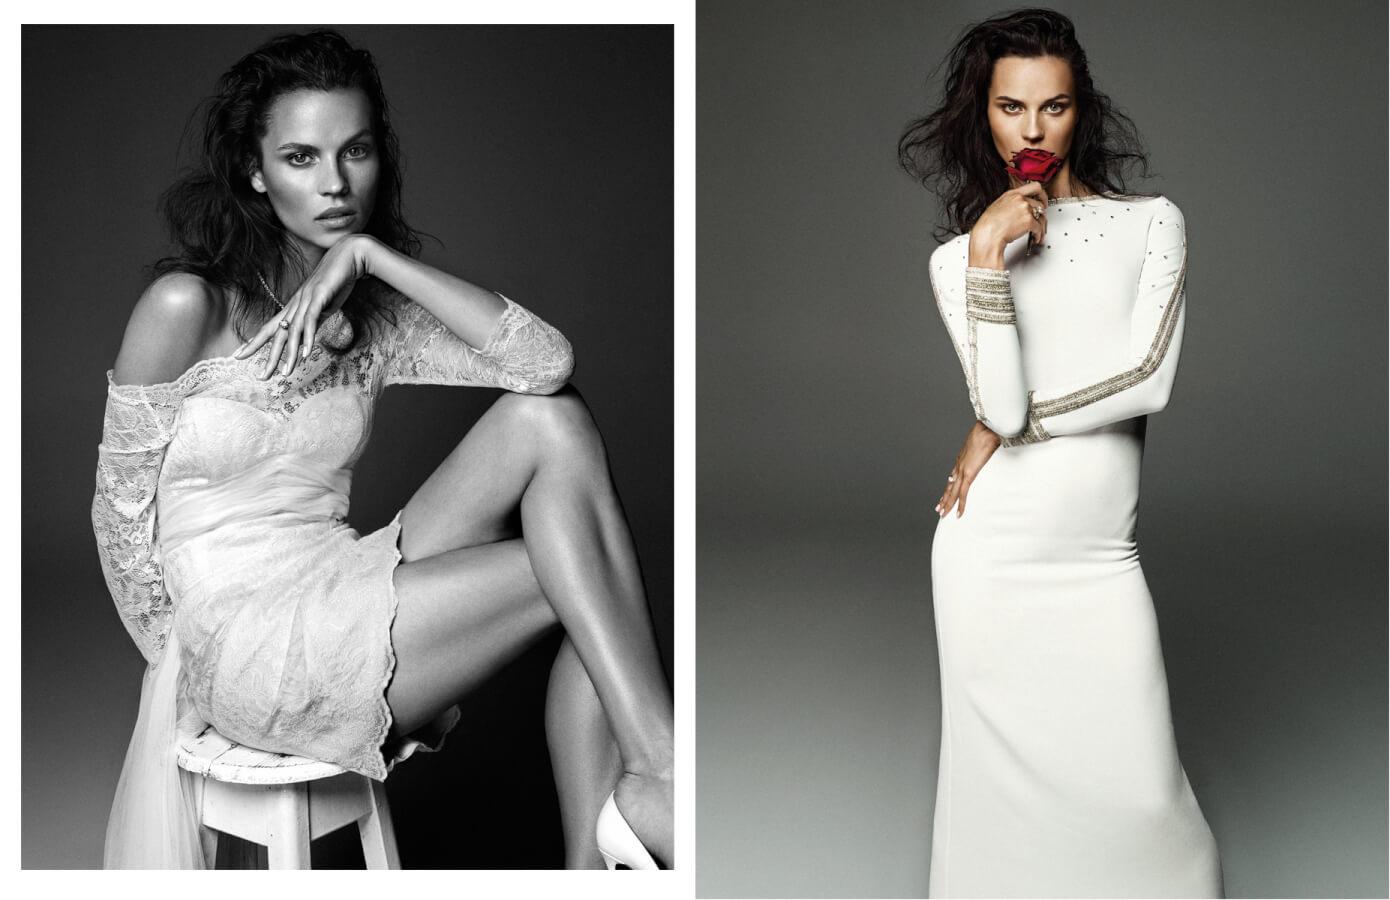 06_Alvaro_Beamud_Cortes_Vogue_Spain_Bridal